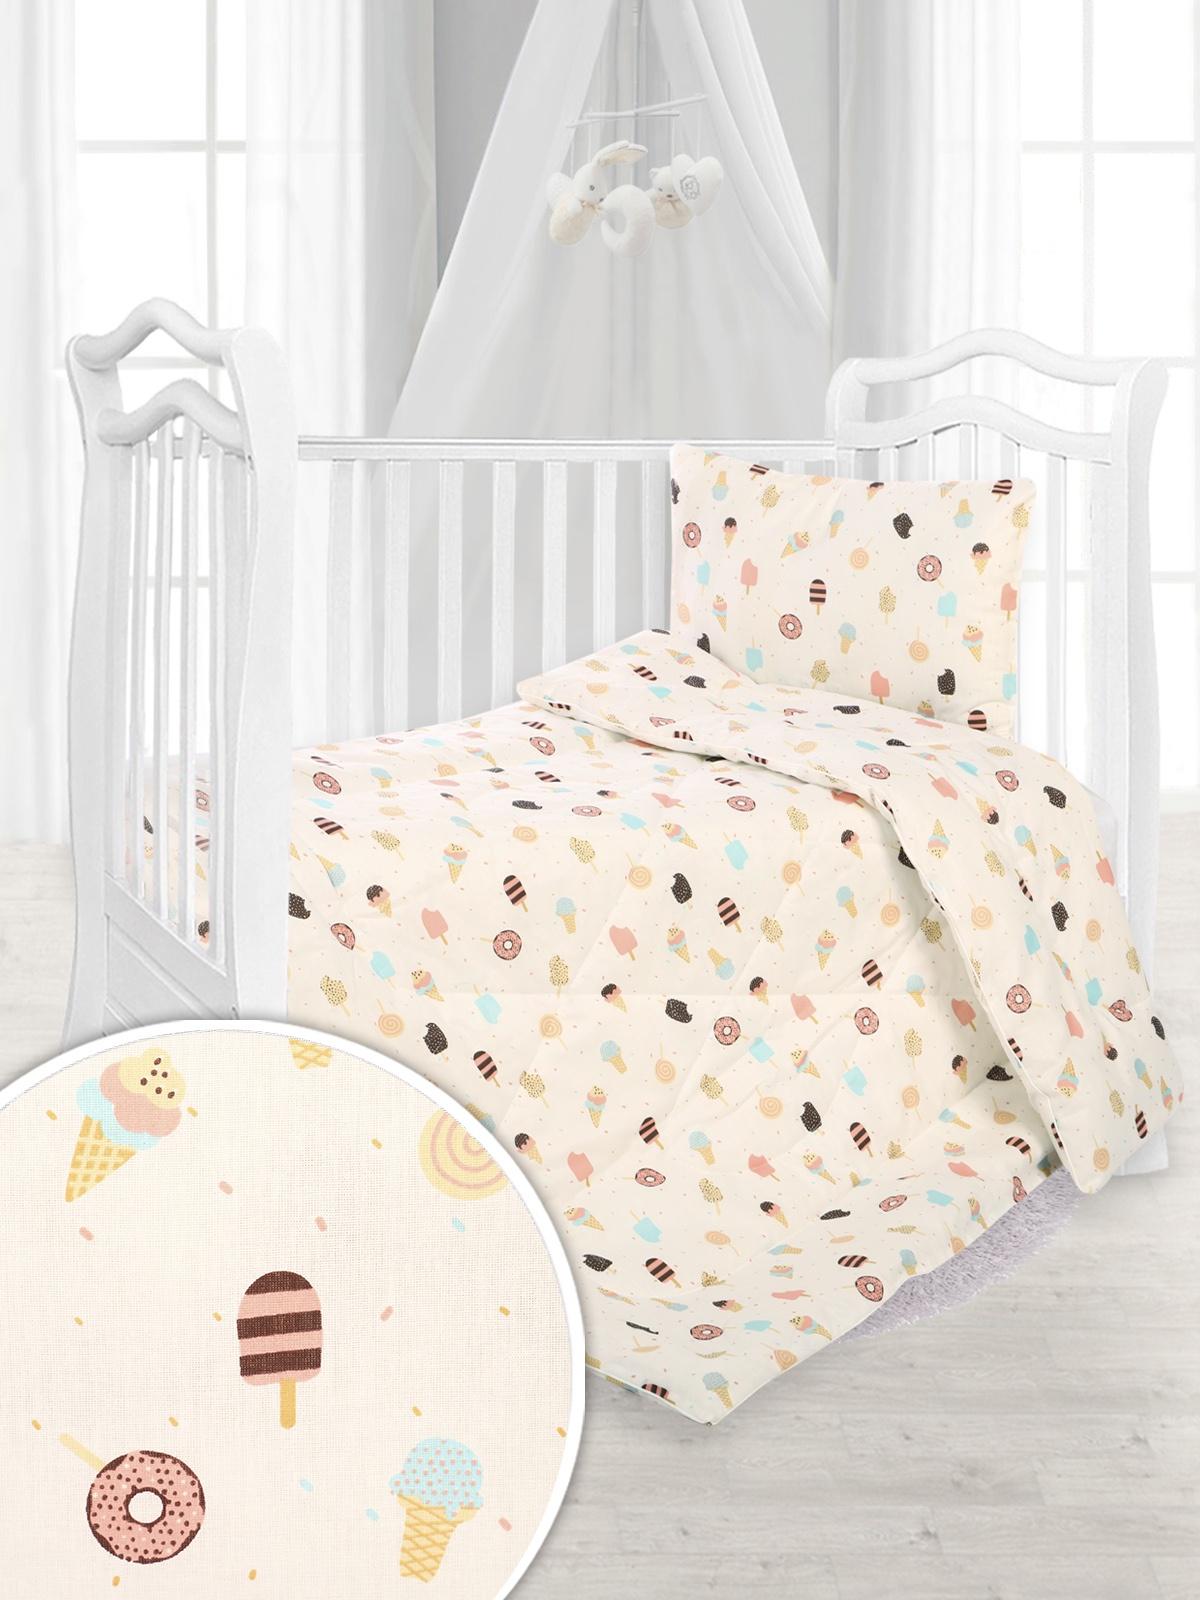 """Одеяло детское Спаленка Одеяло детское Нежный сон, 110*140 эскимо, О-Д-НежСон-110х140/эскимоО-Д-НежСон-110х140/эскимоЛюбовь и нежность! Это обязательное условие для жизни наших детей. Как выбрать одеяло в детскую кроватку?- важный вопрос в жизни каждой семьи. Одеяло """"Нежный сон"""" имеет стандартный размер 110х140,оно легкое и воздушное, создает комфорт и сказочный уют для спокойного сна вашего малыша. Теплота и мягкость сочетаются с высоким качеством наполнителя(плотность 200 г/м2), чехла и пошива. Бамбуковое волокно и аналог лебяжьего пуха-это идеальный баланс упругости и мягкости, легкость, воздухопроницаемость, гипоаллергенность, простота в уходе. Ткань чехла-поплин-100% хлопок. Не смотря на свою тонкость и нежную мягкость, что важно для здоровья детей, он прочен и долговечен, что удобно для мам. Мы заботимся о вашей семье и желаем вам приятных снов!"""